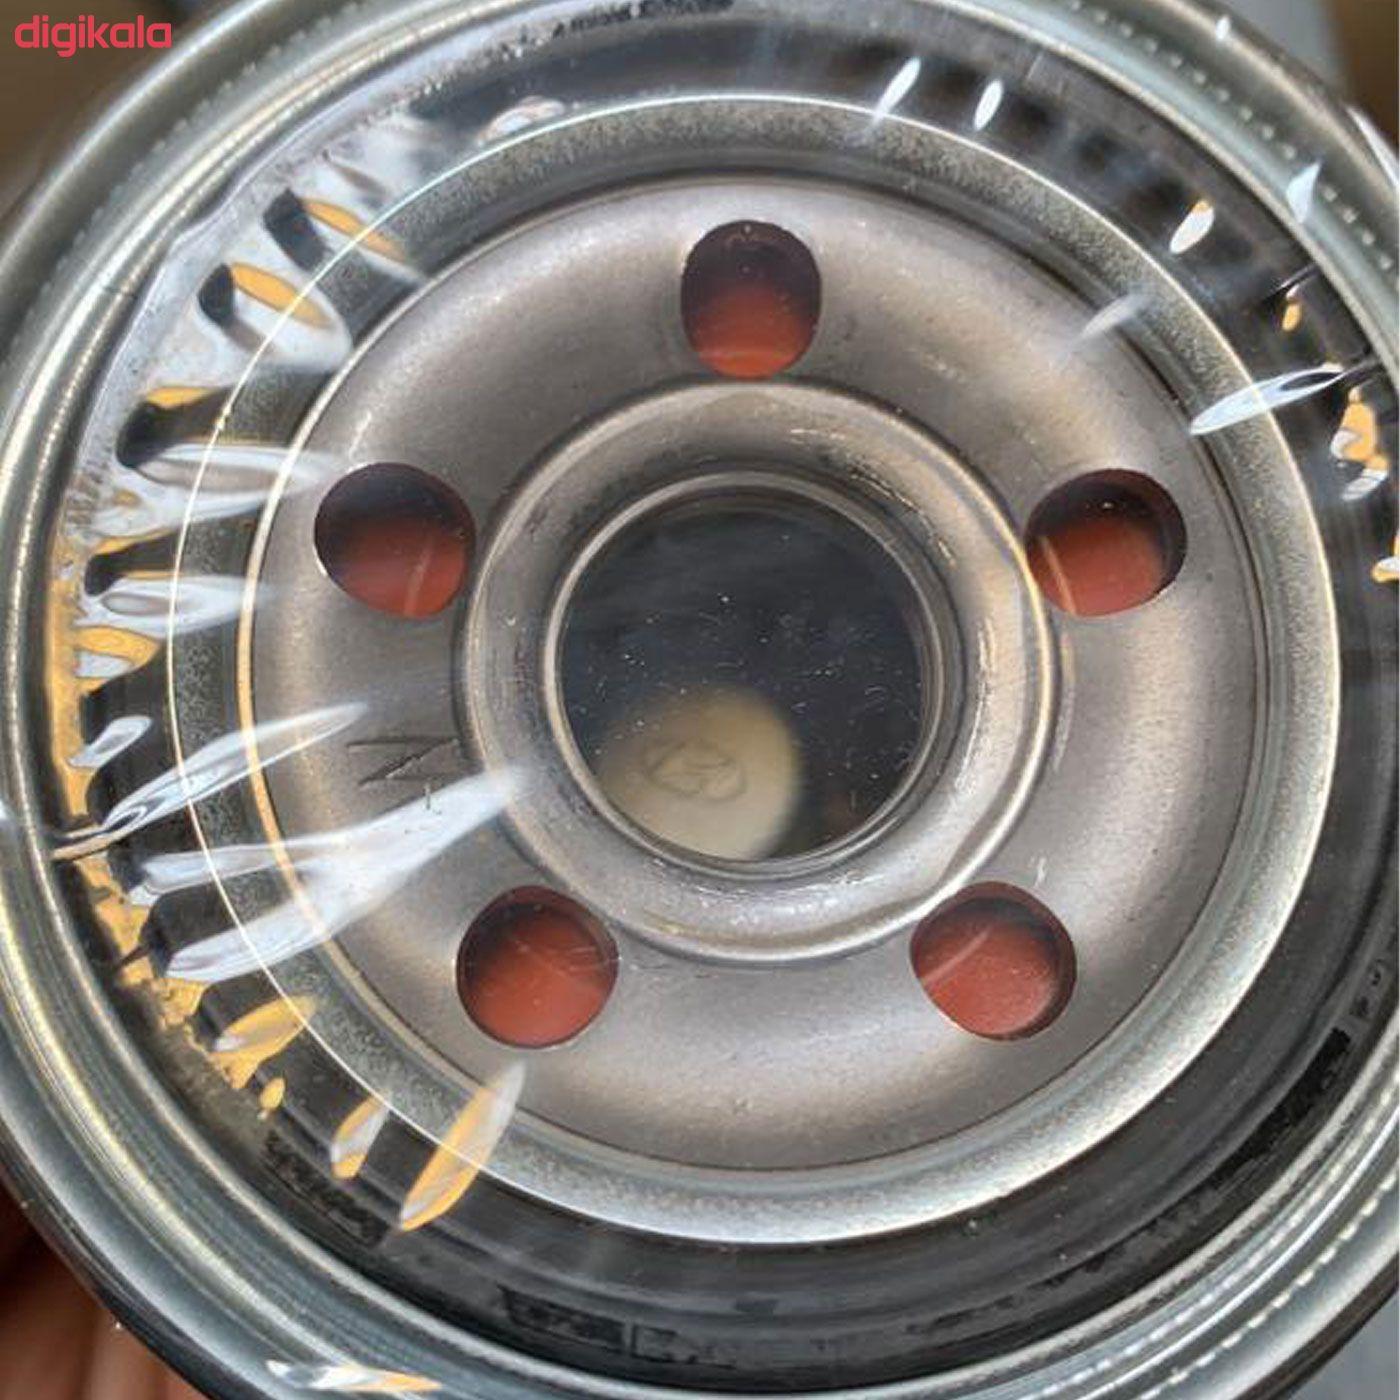 فیلتر روغن خودرو هیوندای جنیون پارتس مدل 35505 مناسب برای هیوندای  ix35 main 1 2